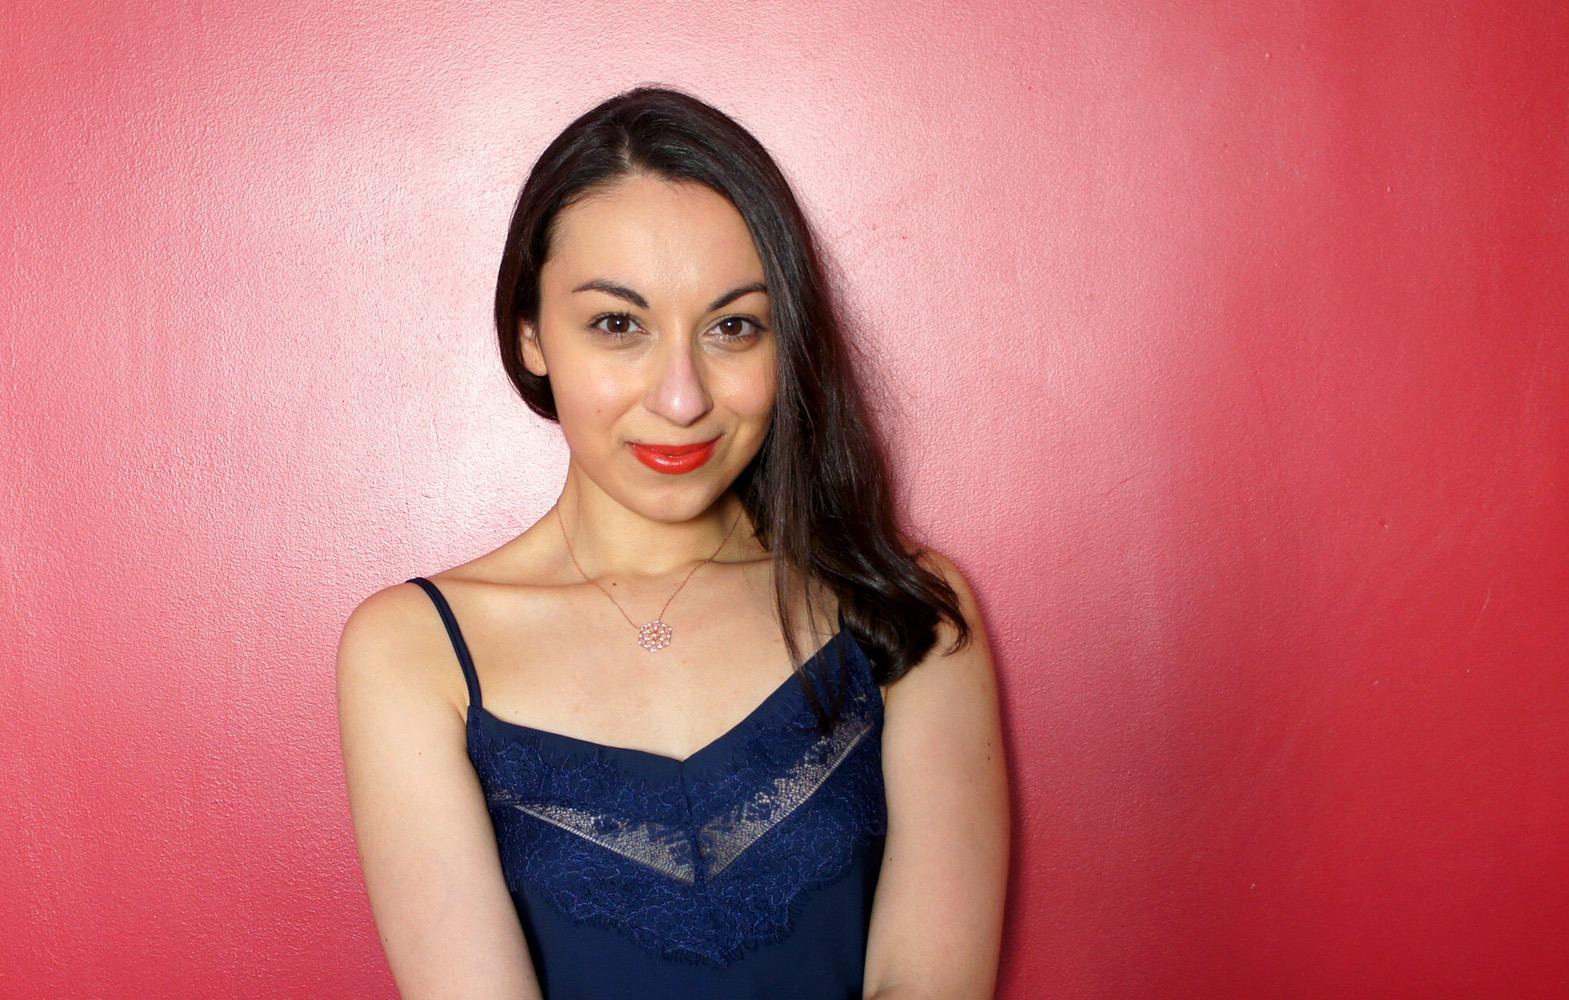 Je suis Mélodie, la créatrice du site slowcreativite.com, actrice du livre S'organiser Simplement et coach en organisation holistique pour s'organiser et créer en conscience